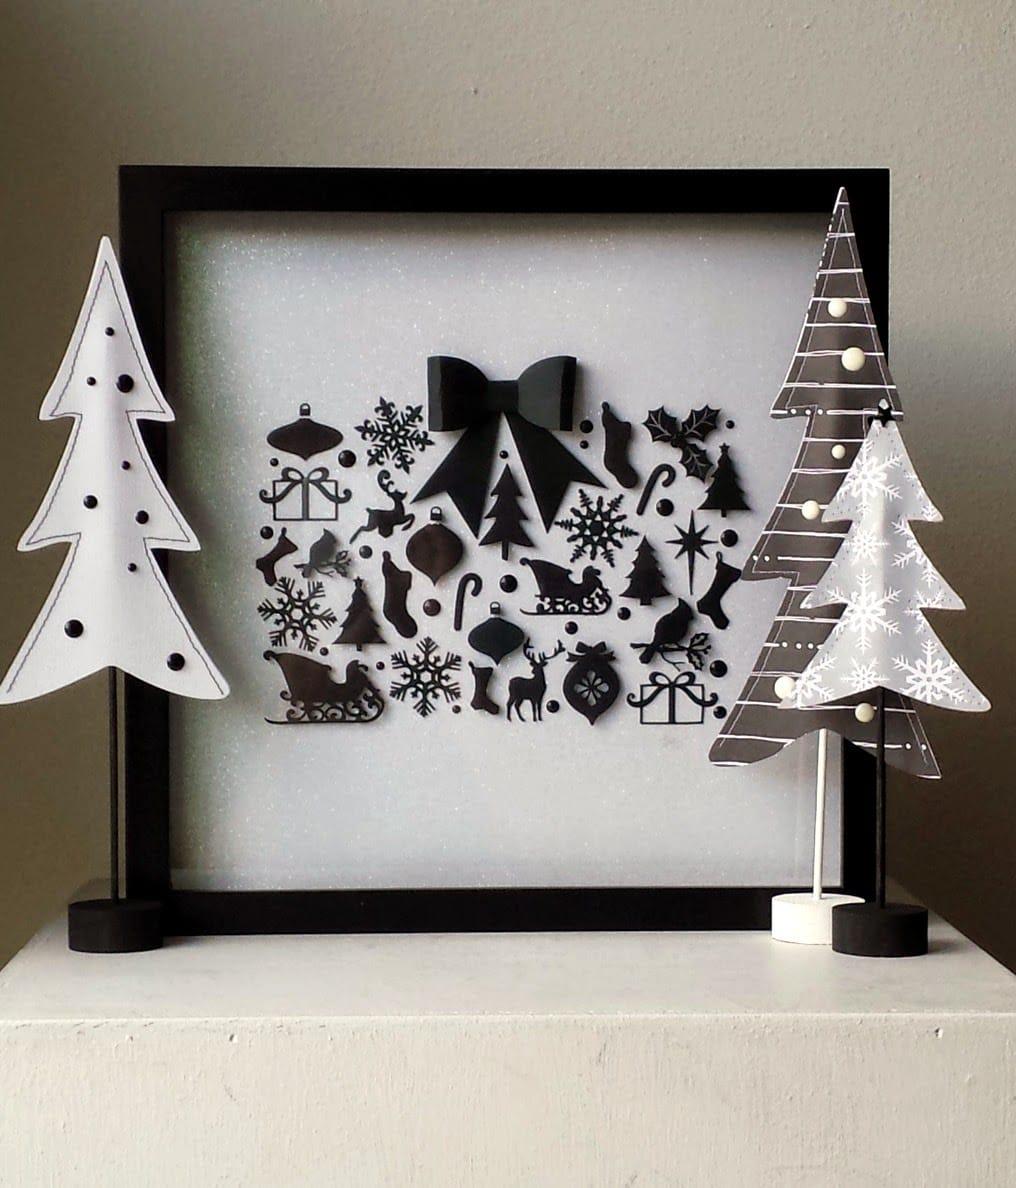 Stunning Black and White Christmas Display and christmas decor idea